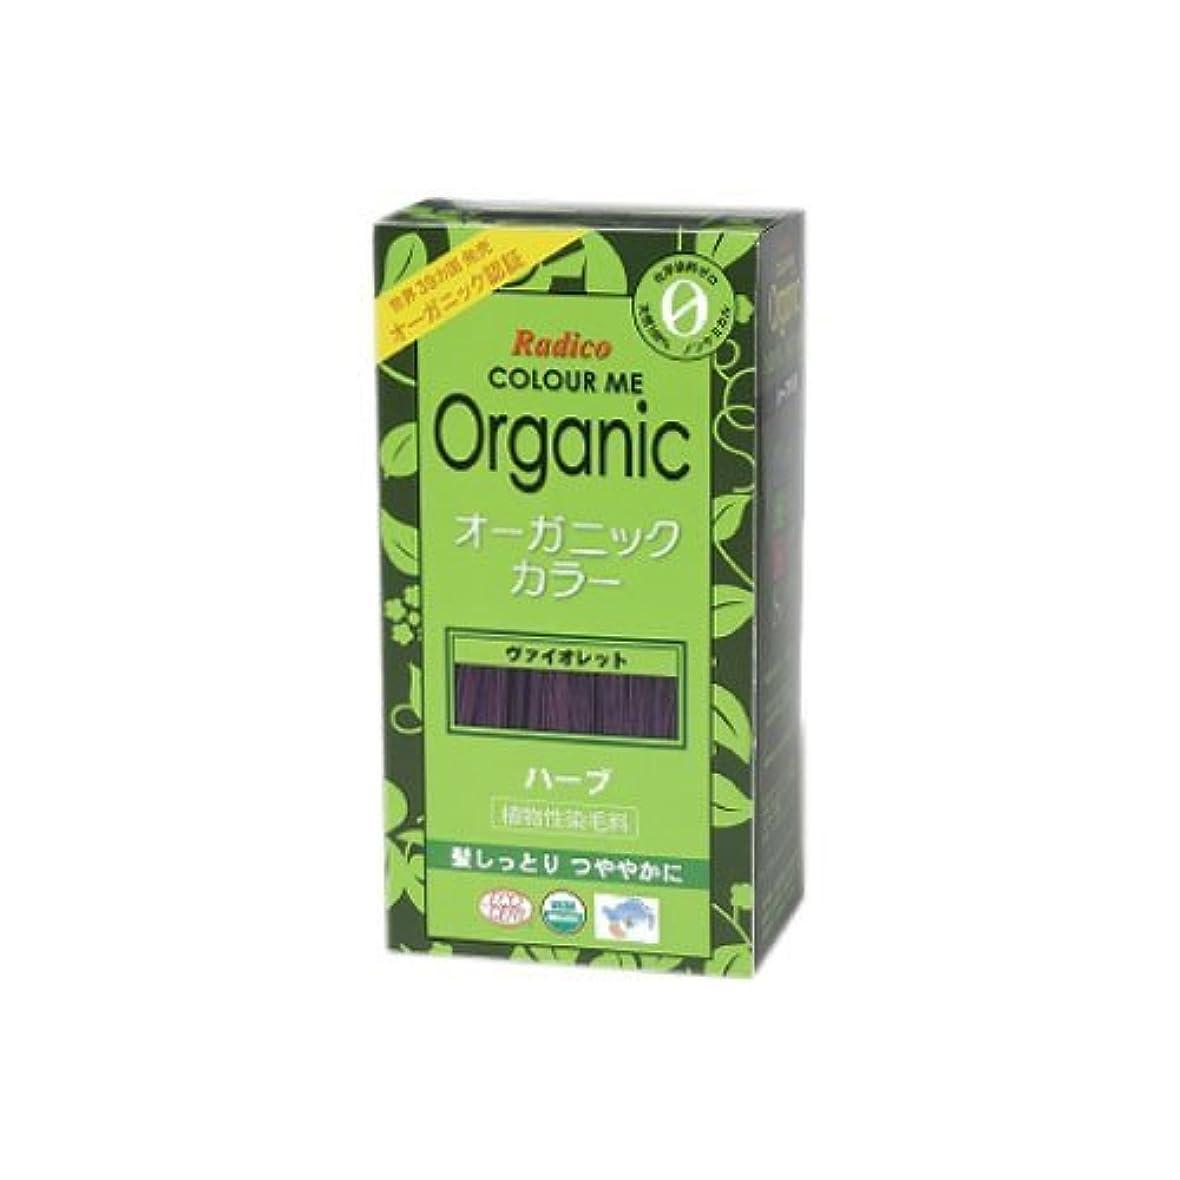 最大のフラフープ事実COLOURME Organic (カラーミーオーガニック ヘナ 白髪用 紫色) ヴァイオレット 100g